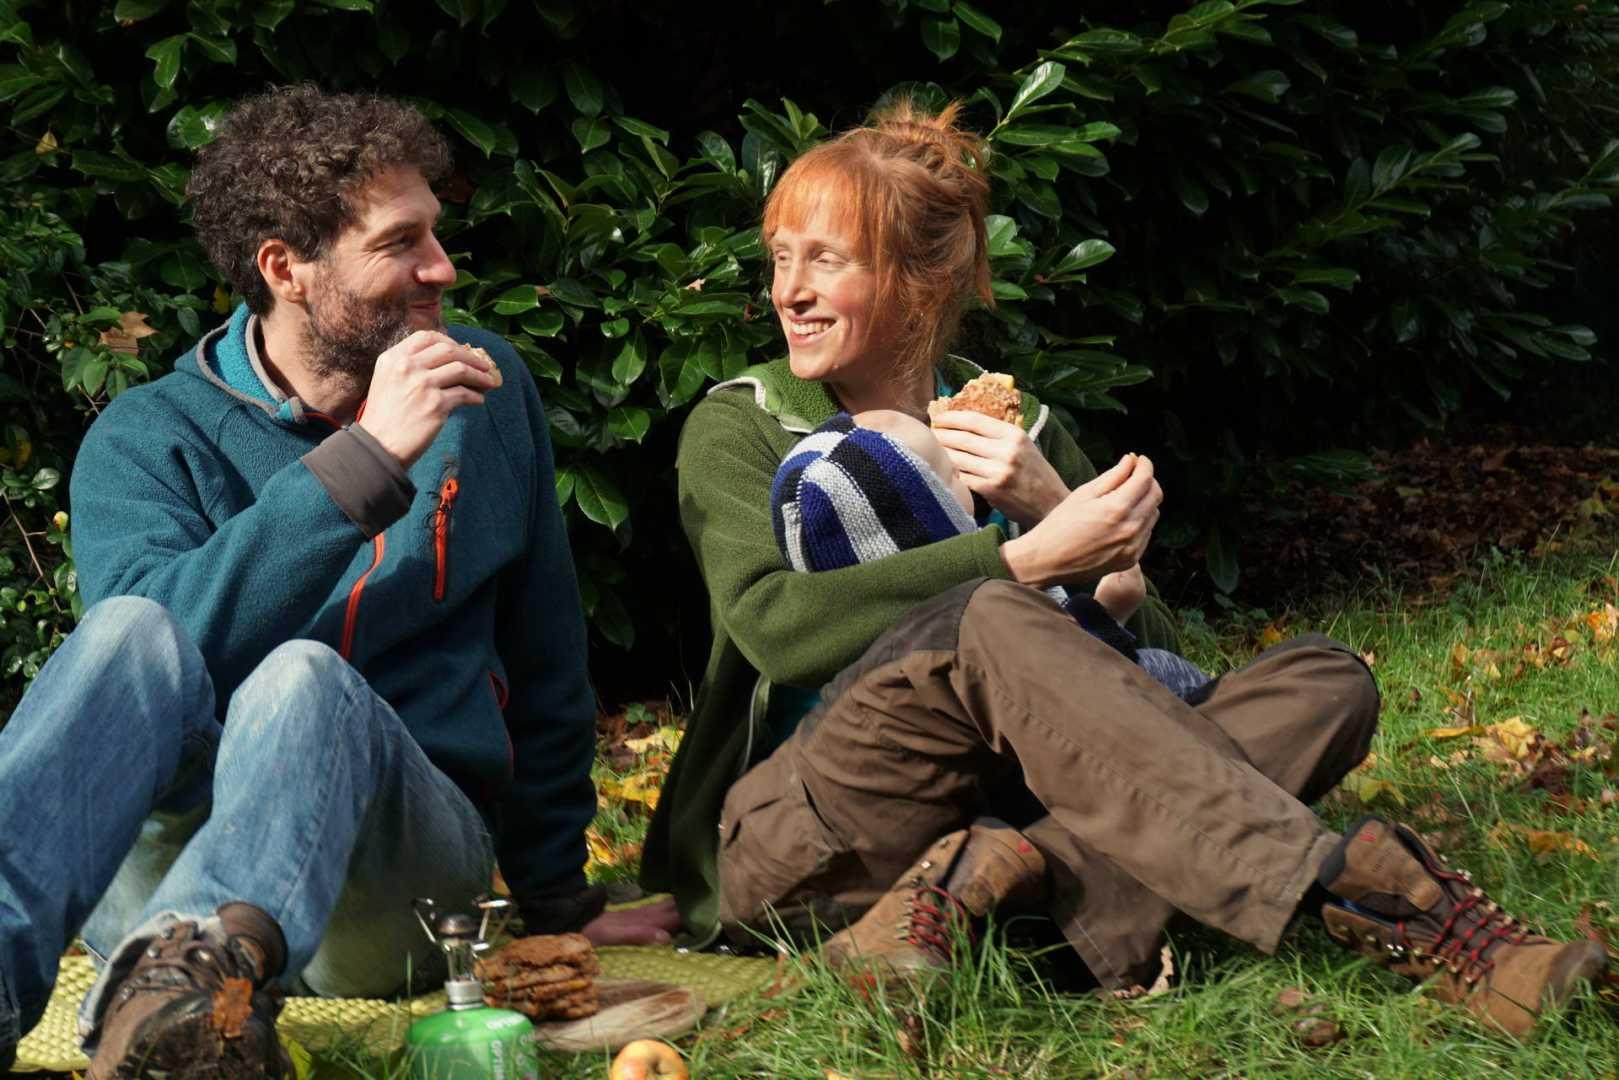 Jana und Paddy beim Essen